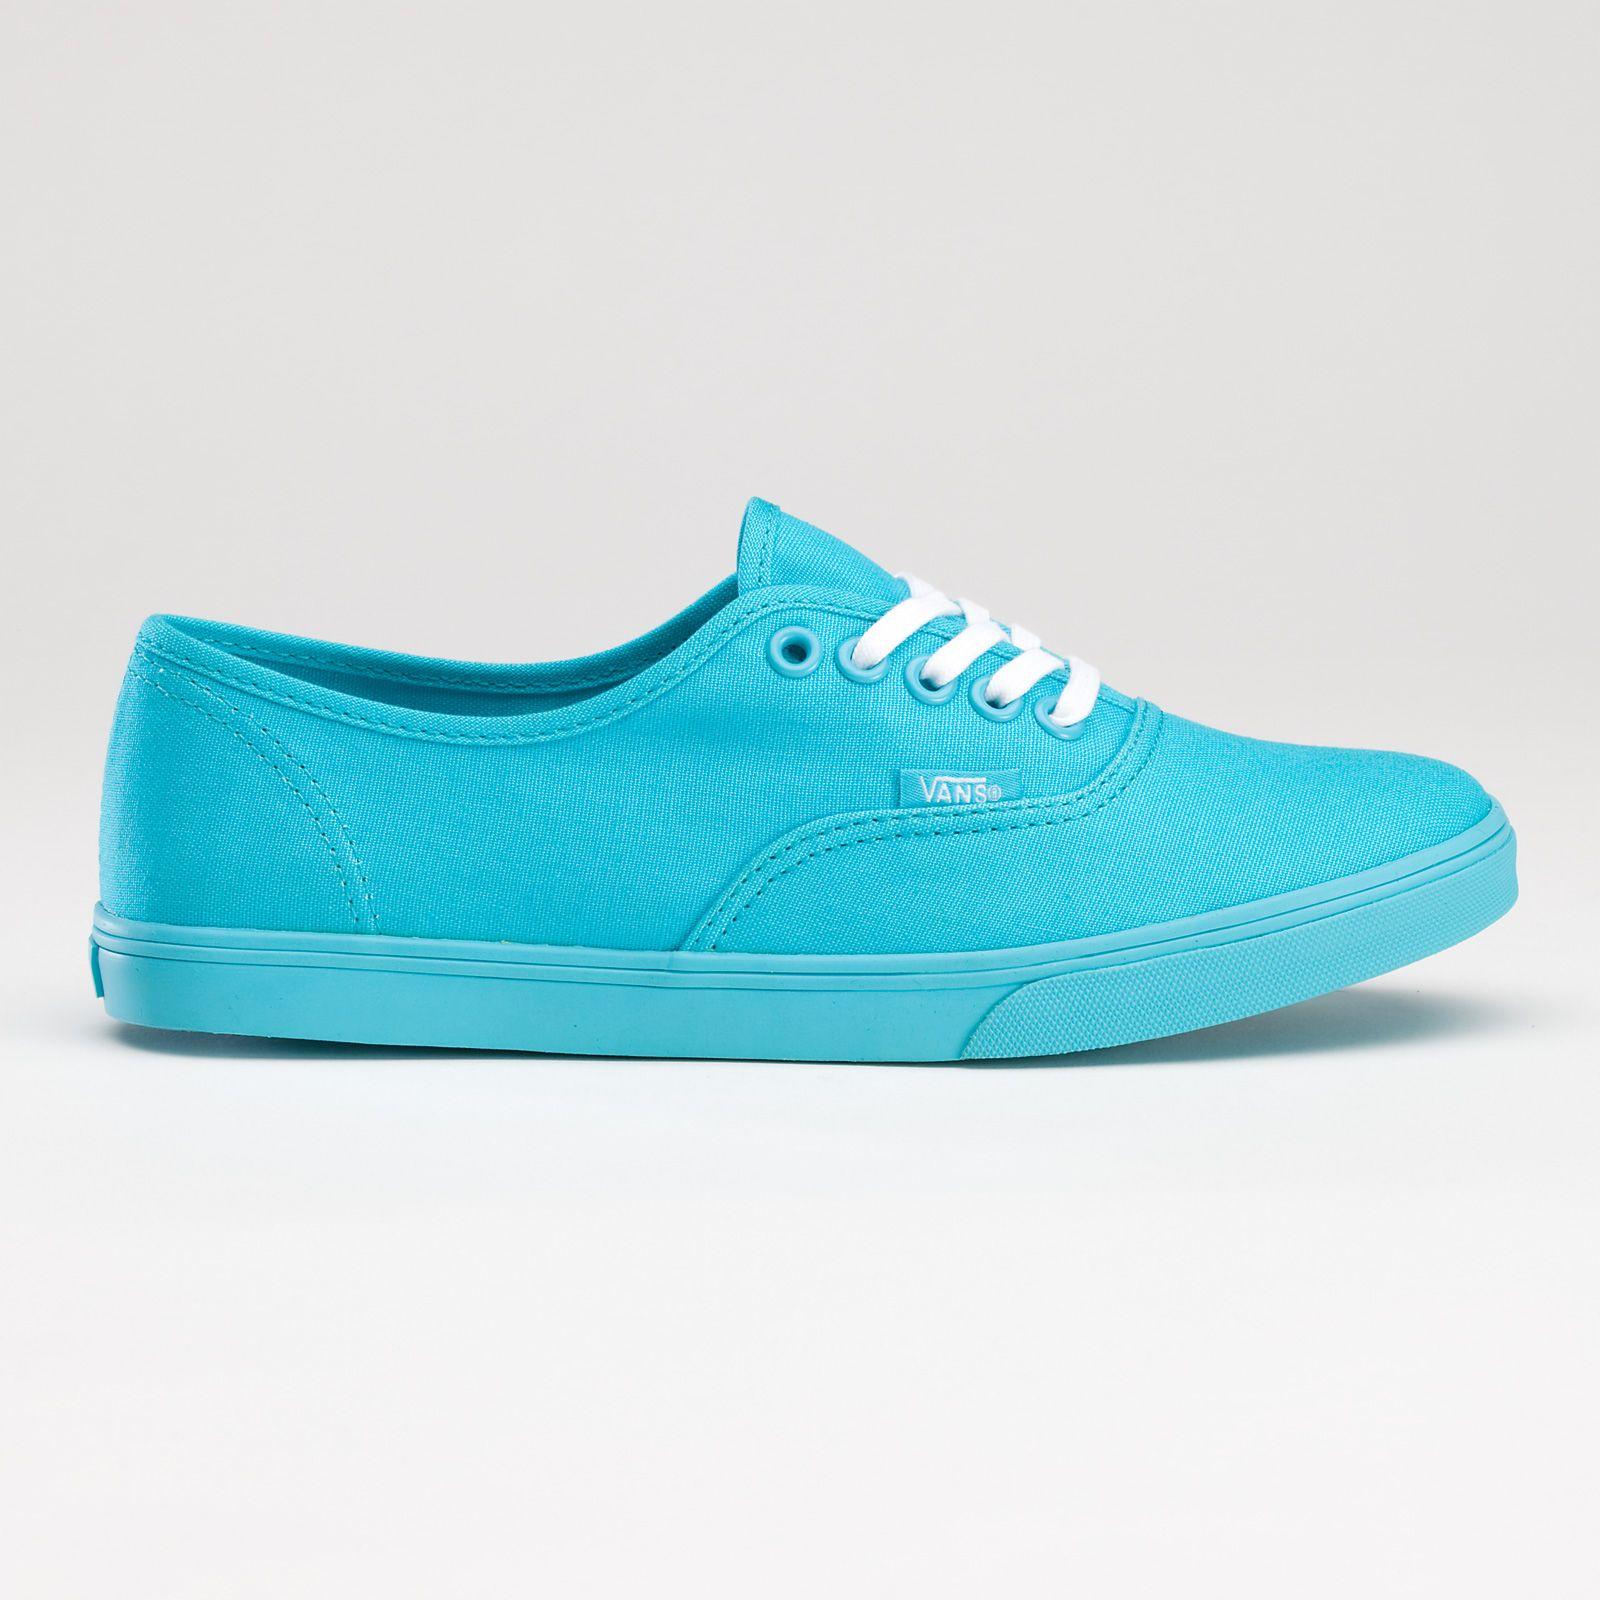 Authentic Lo Pro | Shop Shoes | All blue vans, Vans, Blue vans